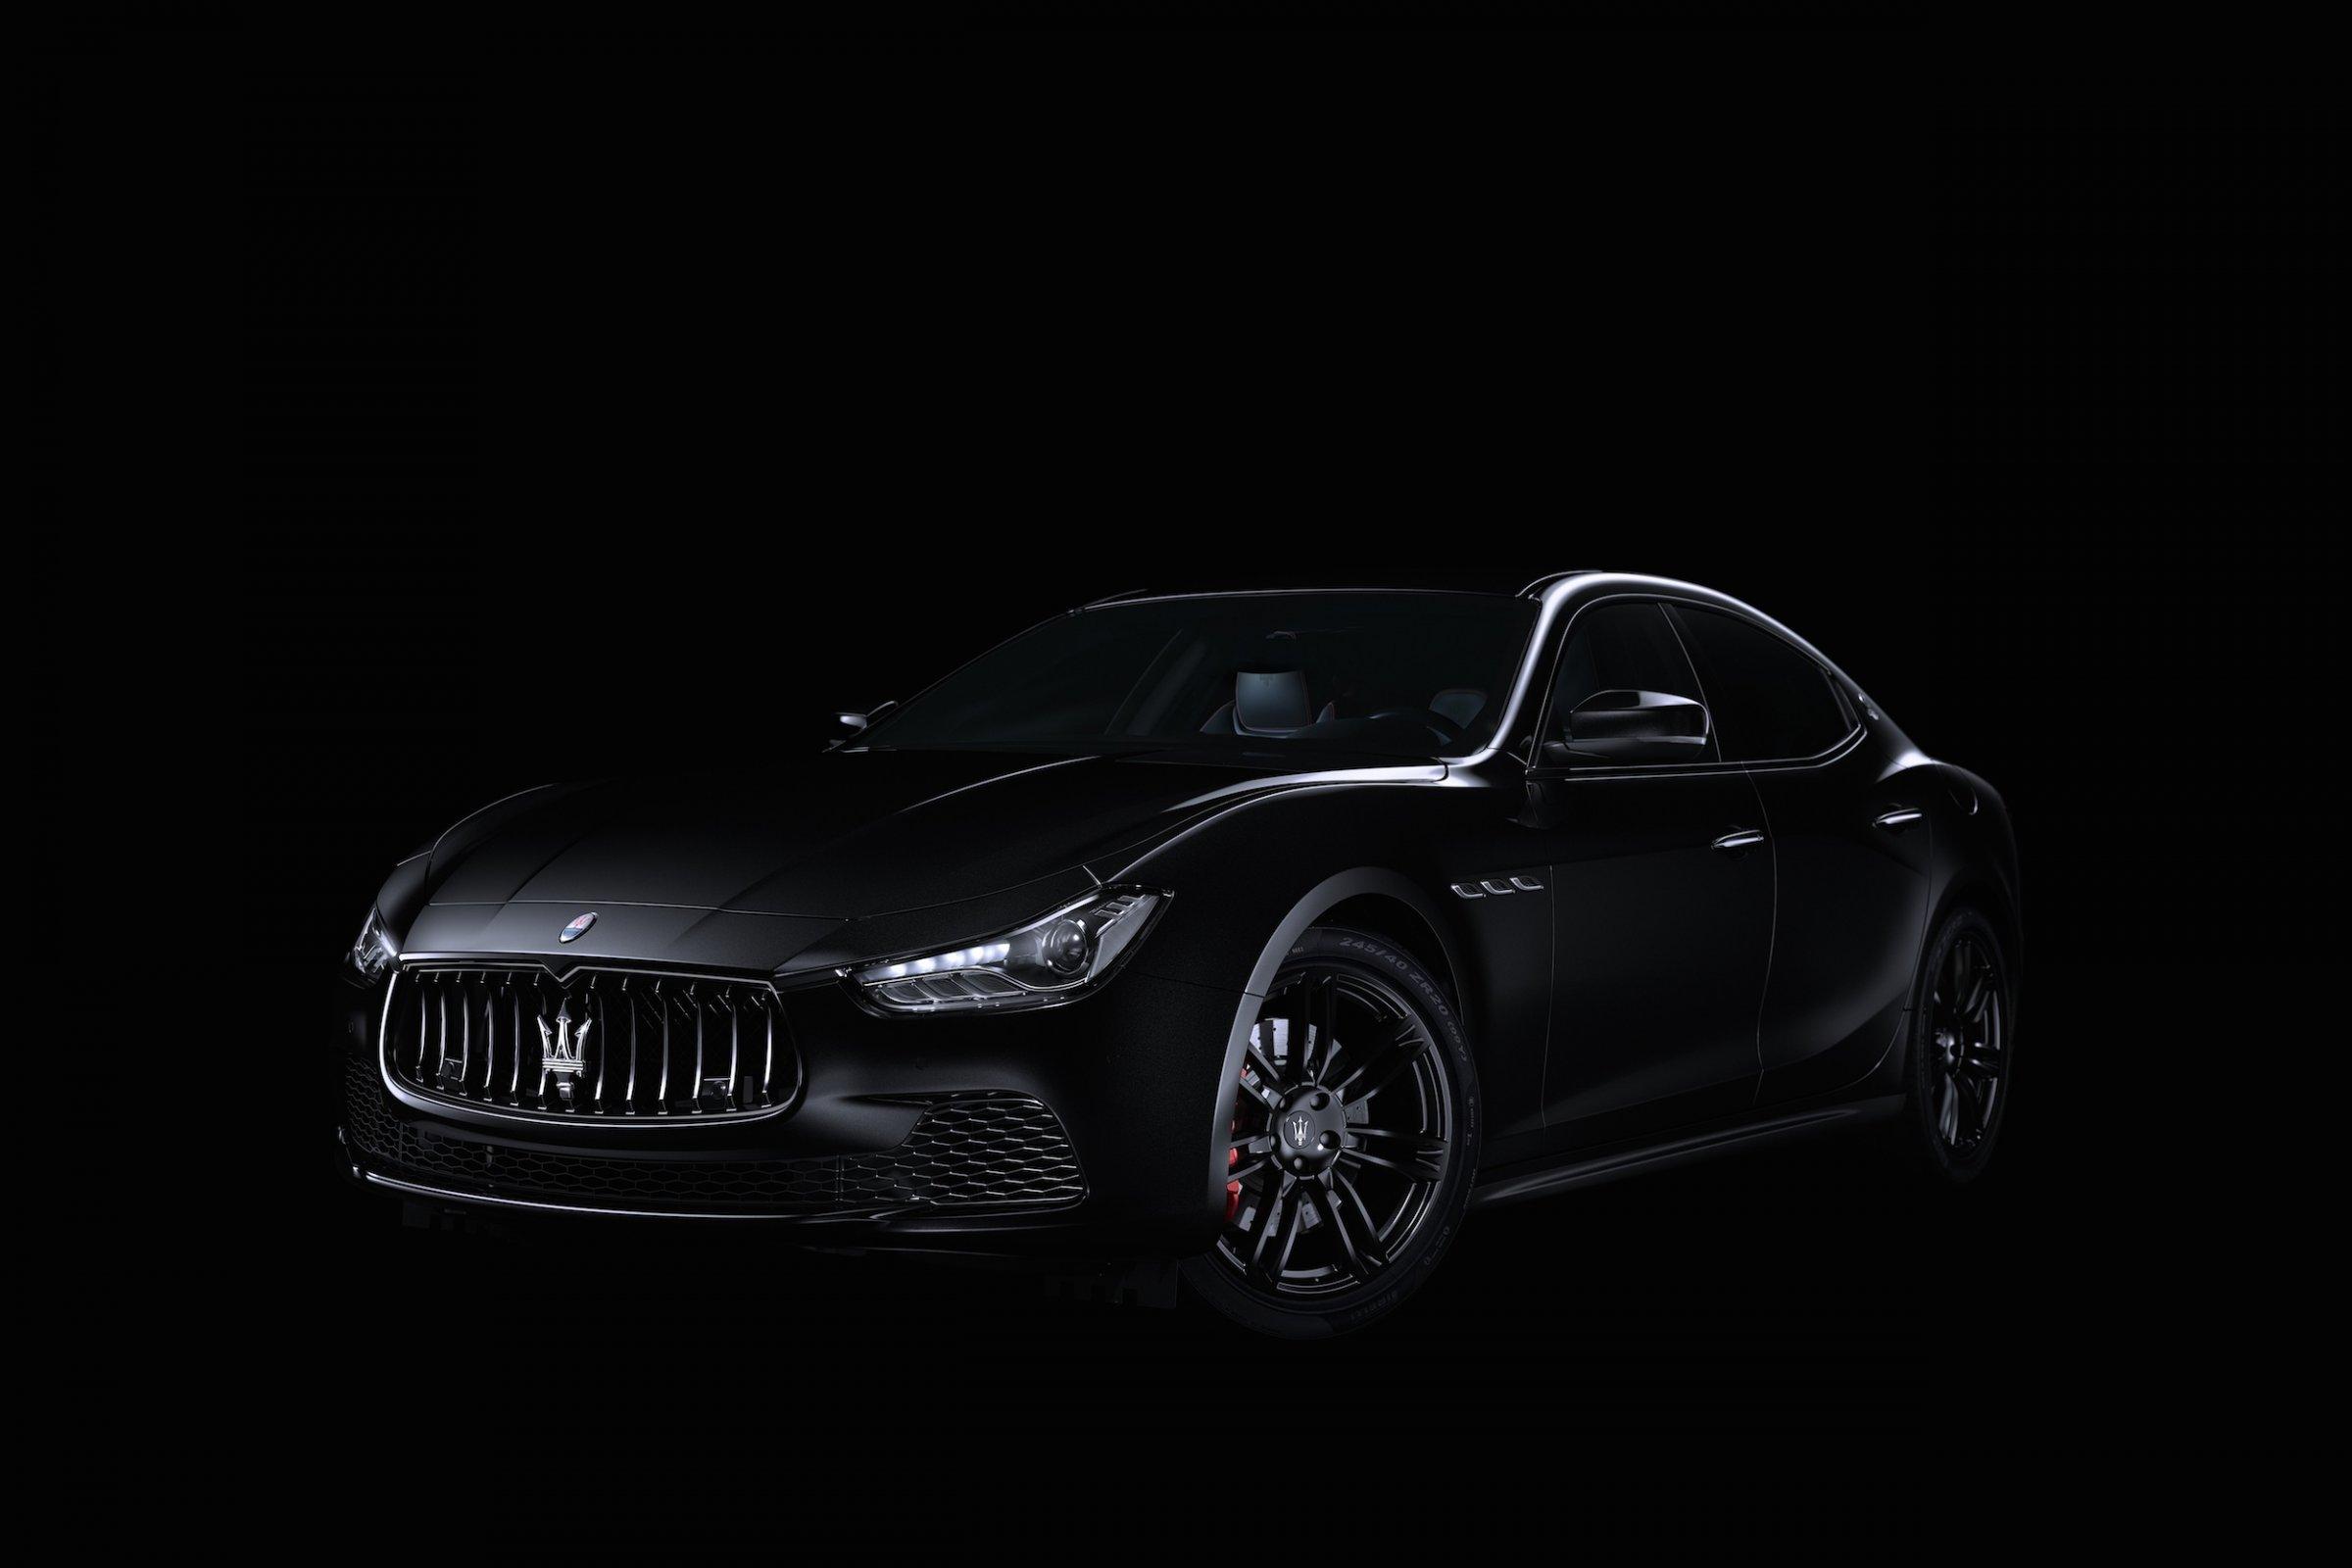 «Самый черный» седан Maserati Ghibli Nerissimo представили на автосалоне в Нью-Йорке